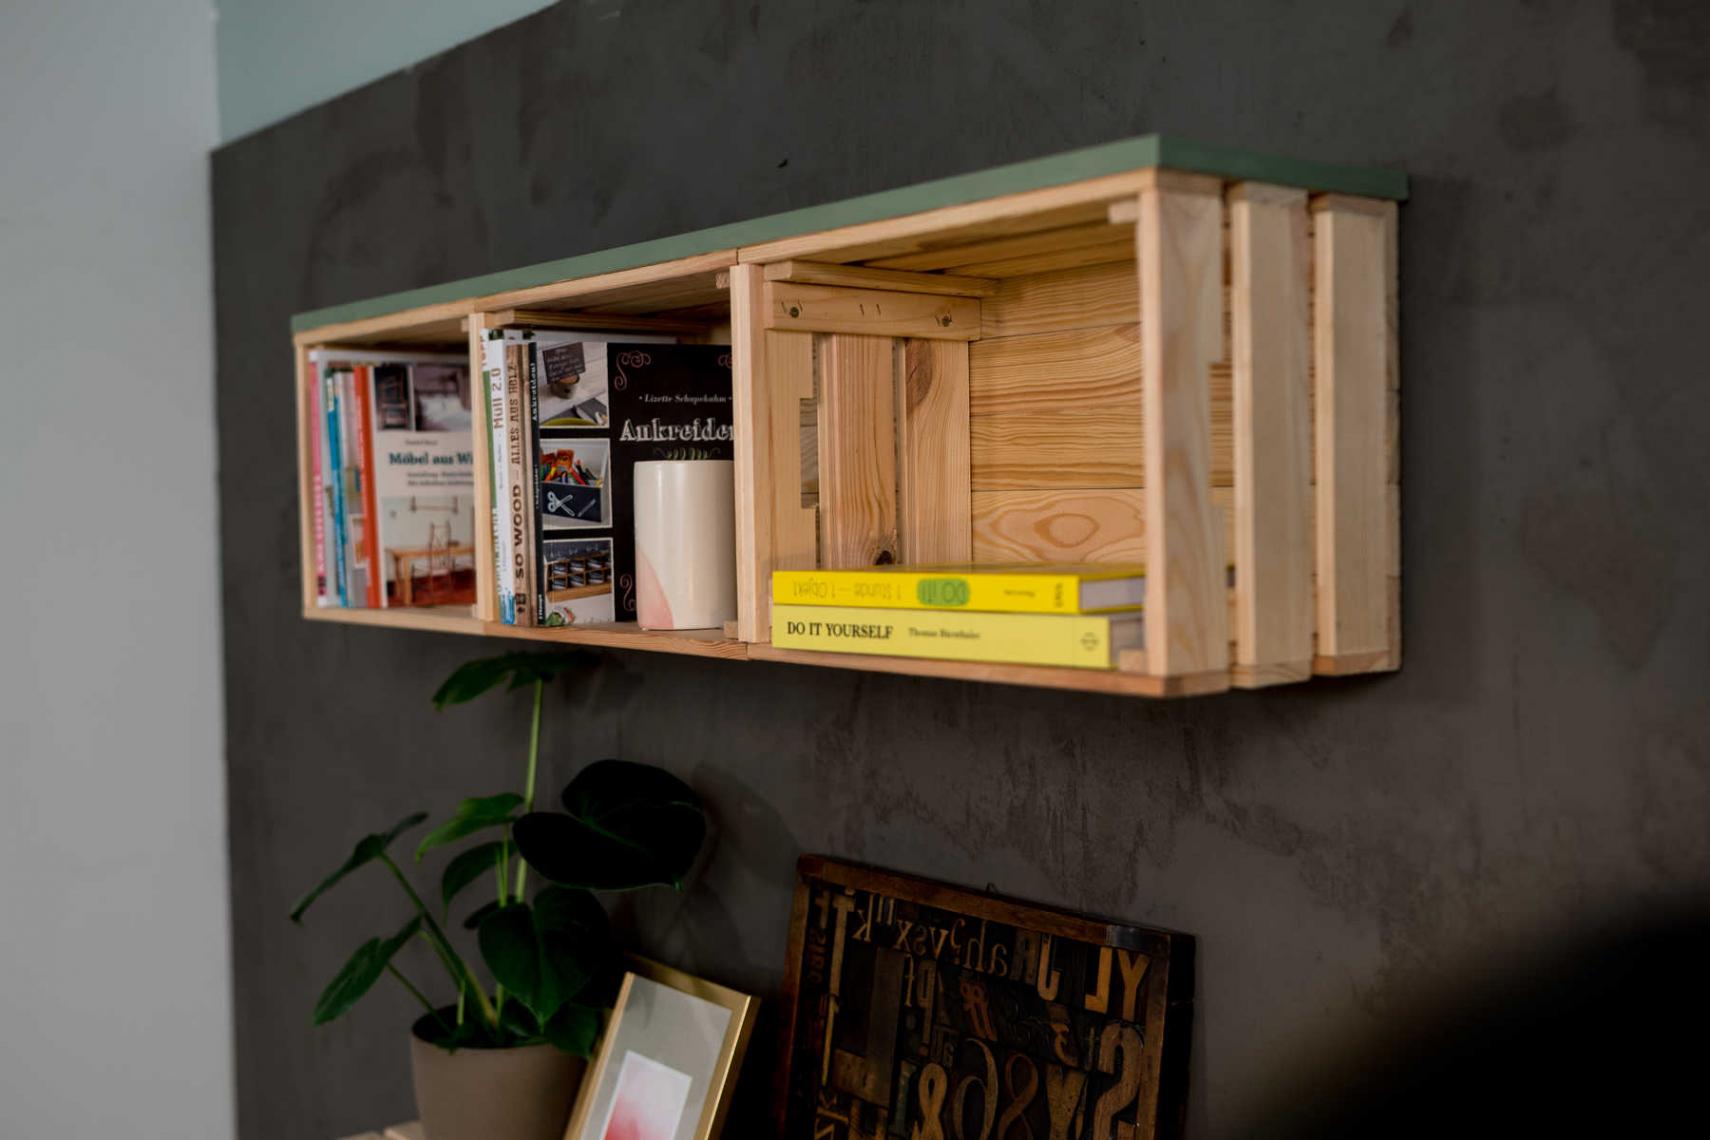 Gartengestaltung Mit Holzkisten Genial Holzkisten Regal Bauen — Temobardz Home Blog